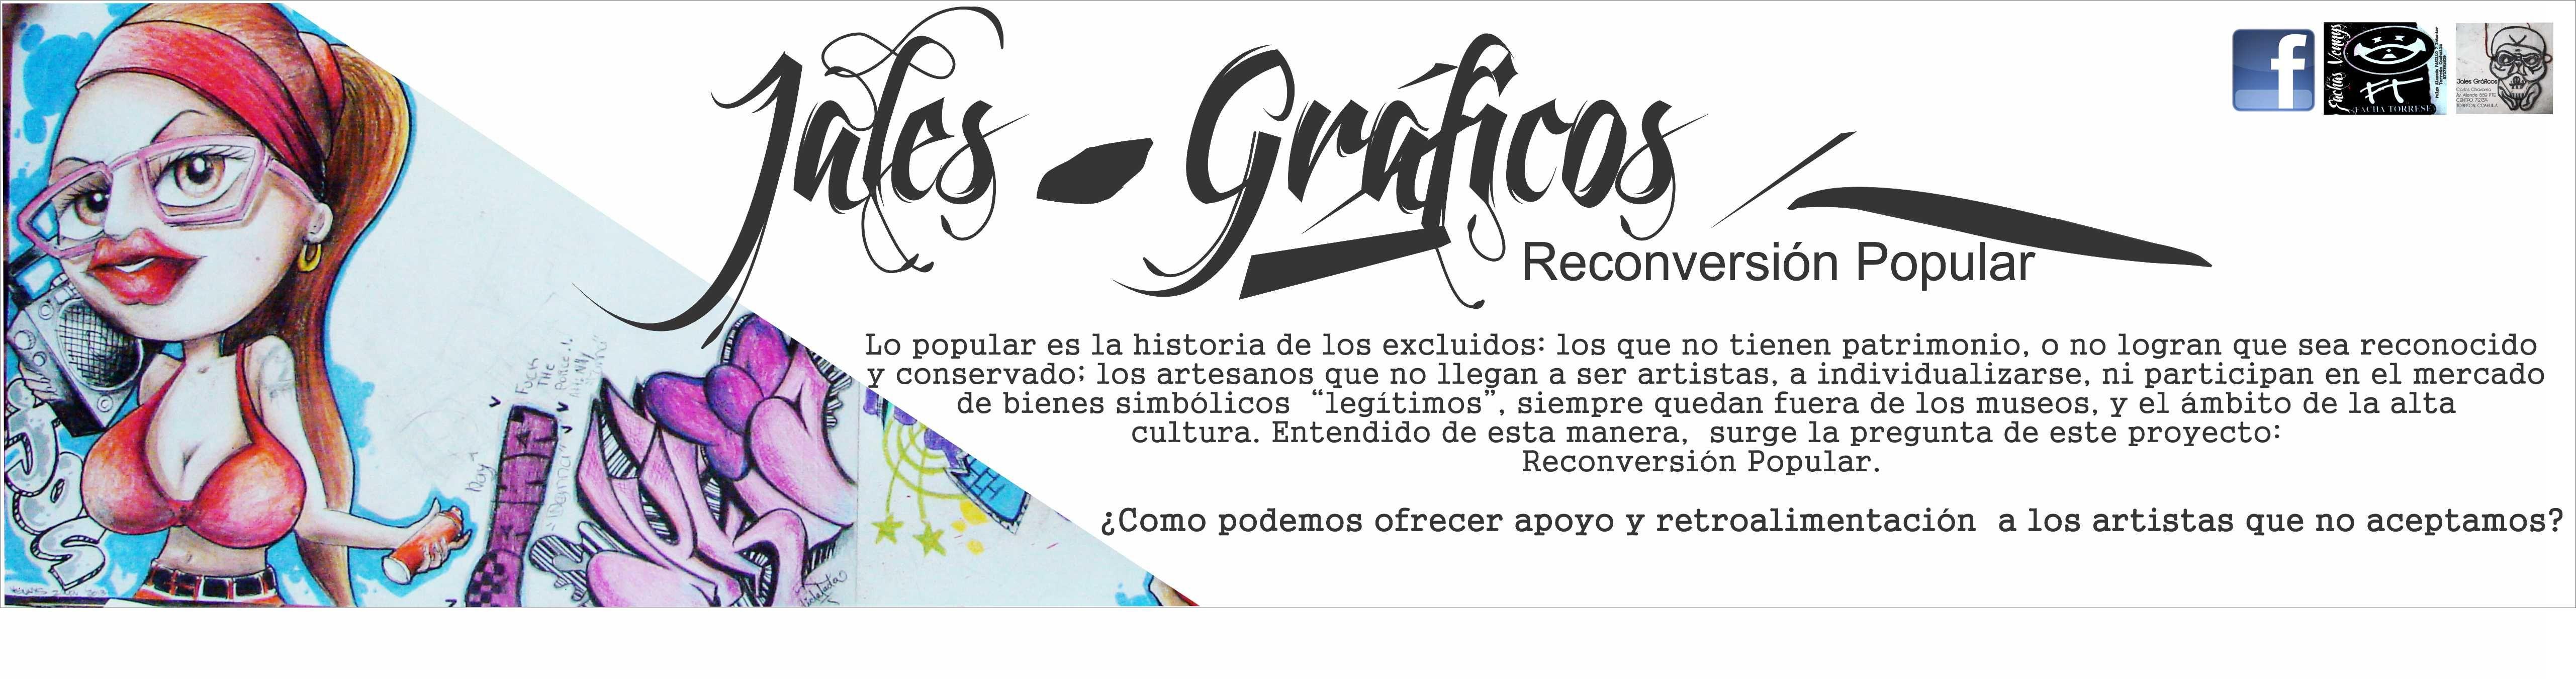 JALES GRAFICOS